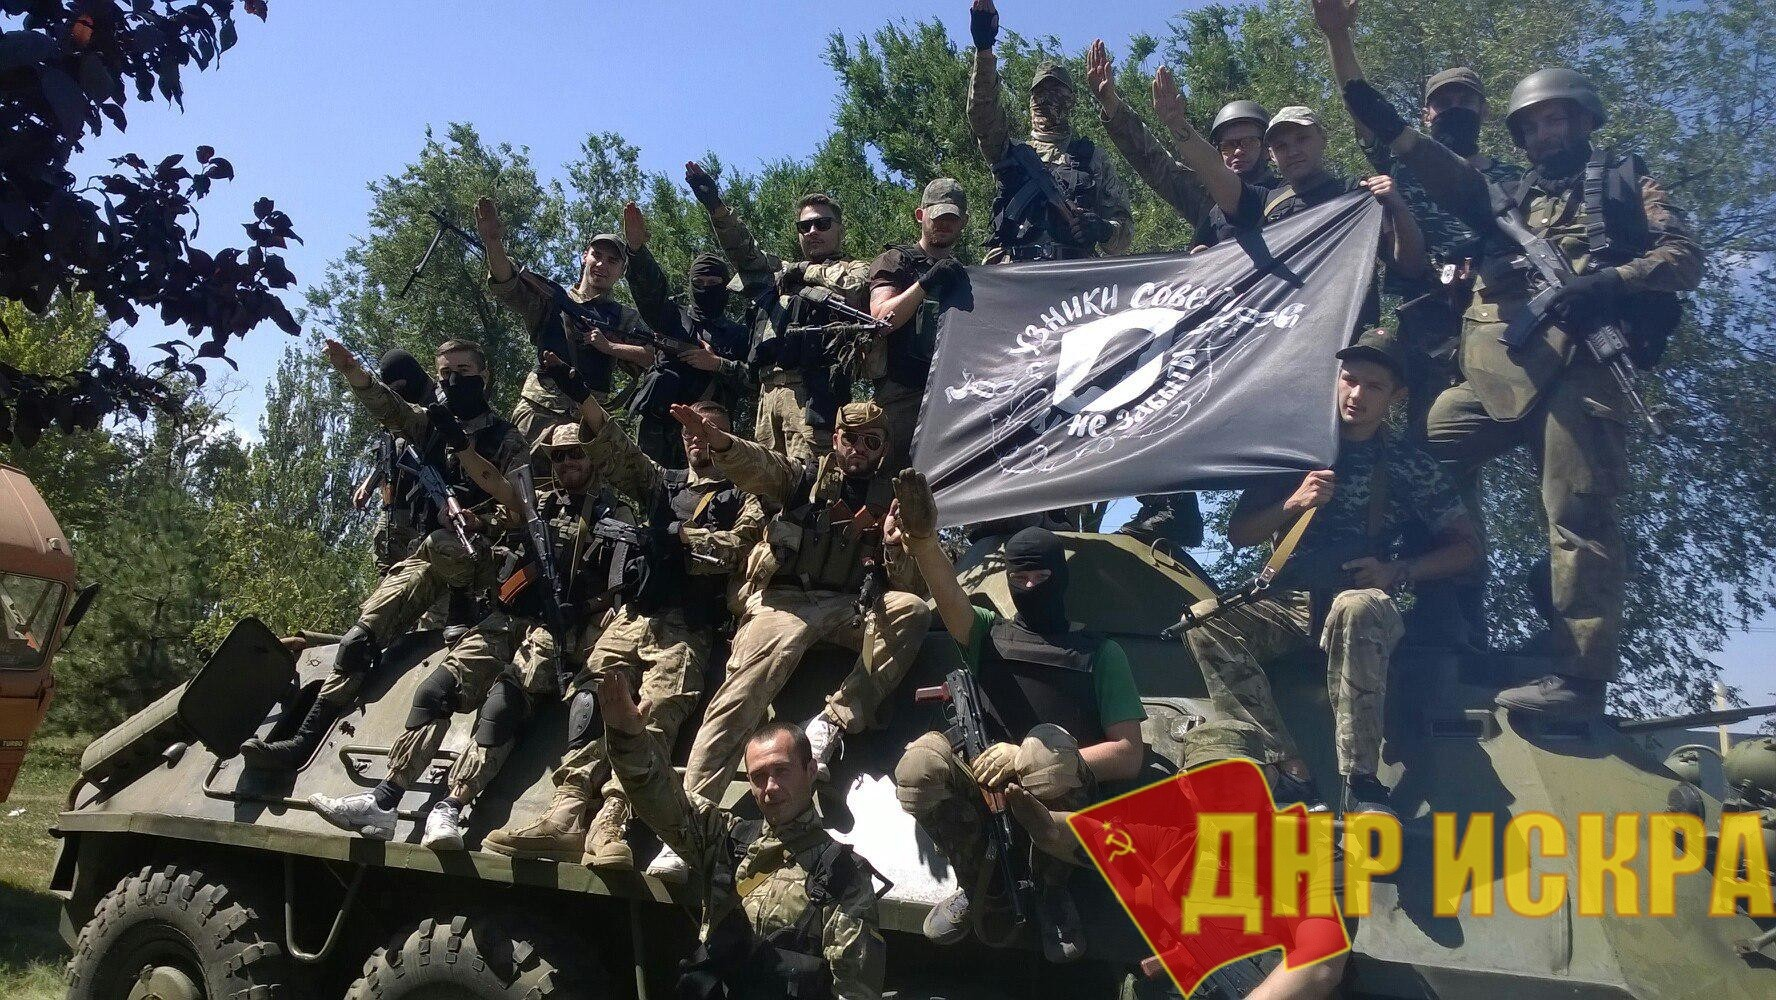 Промежуточные итоги заработка буржуев на Донбассе: С начала вооруженного конфликта в ДНР погибли 4 715 человек